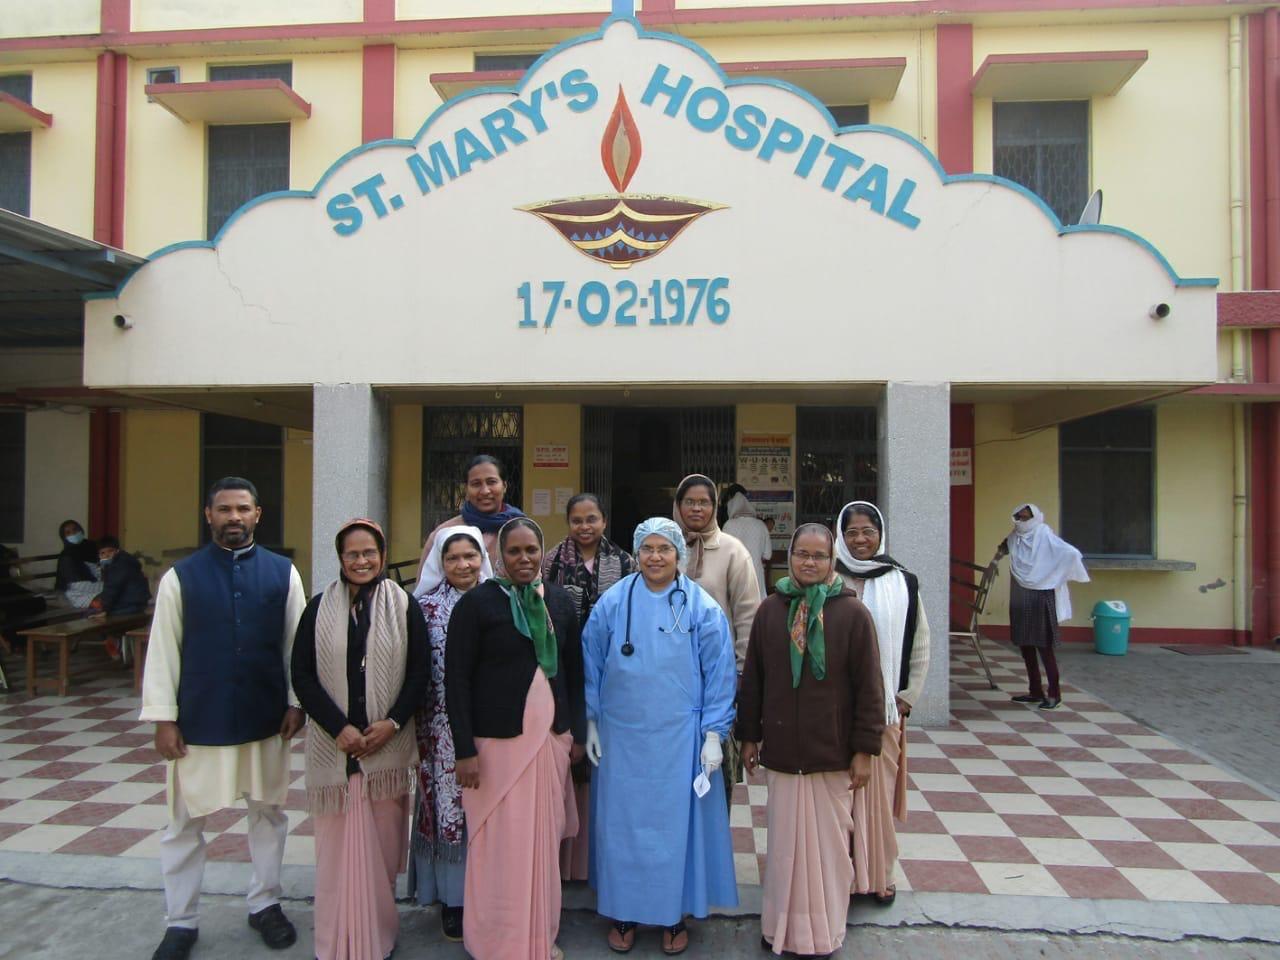 Pandemie: Pfarrei und Caritas sammeln Spenden für Bedürftige in Neu Delhi